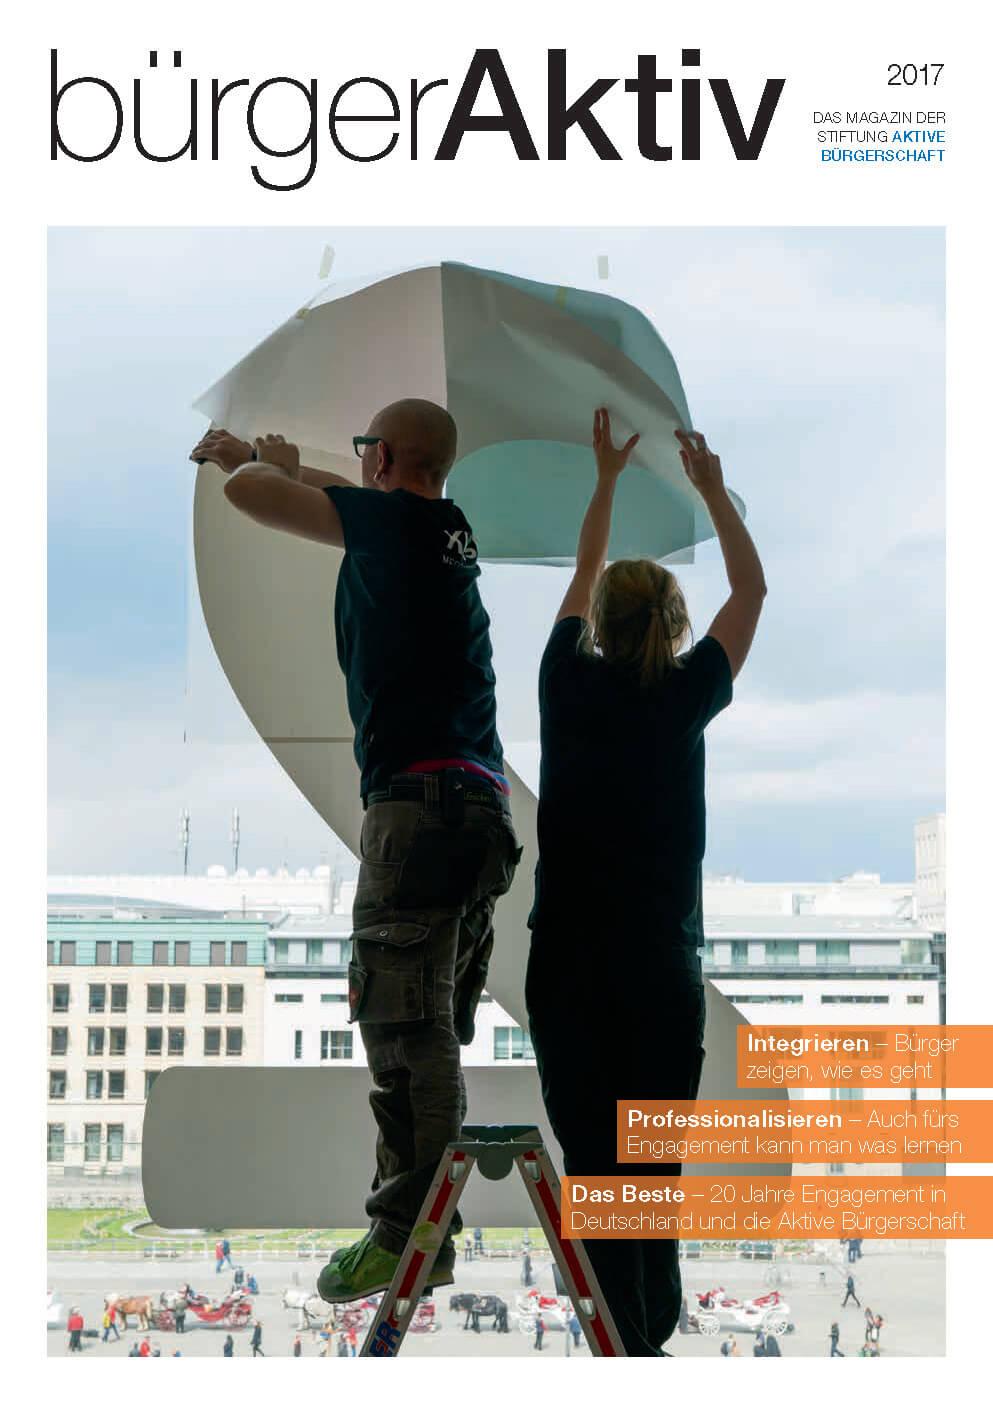 bürgerAktiv Magazin - Stiftung Aktive Bürgerschaft